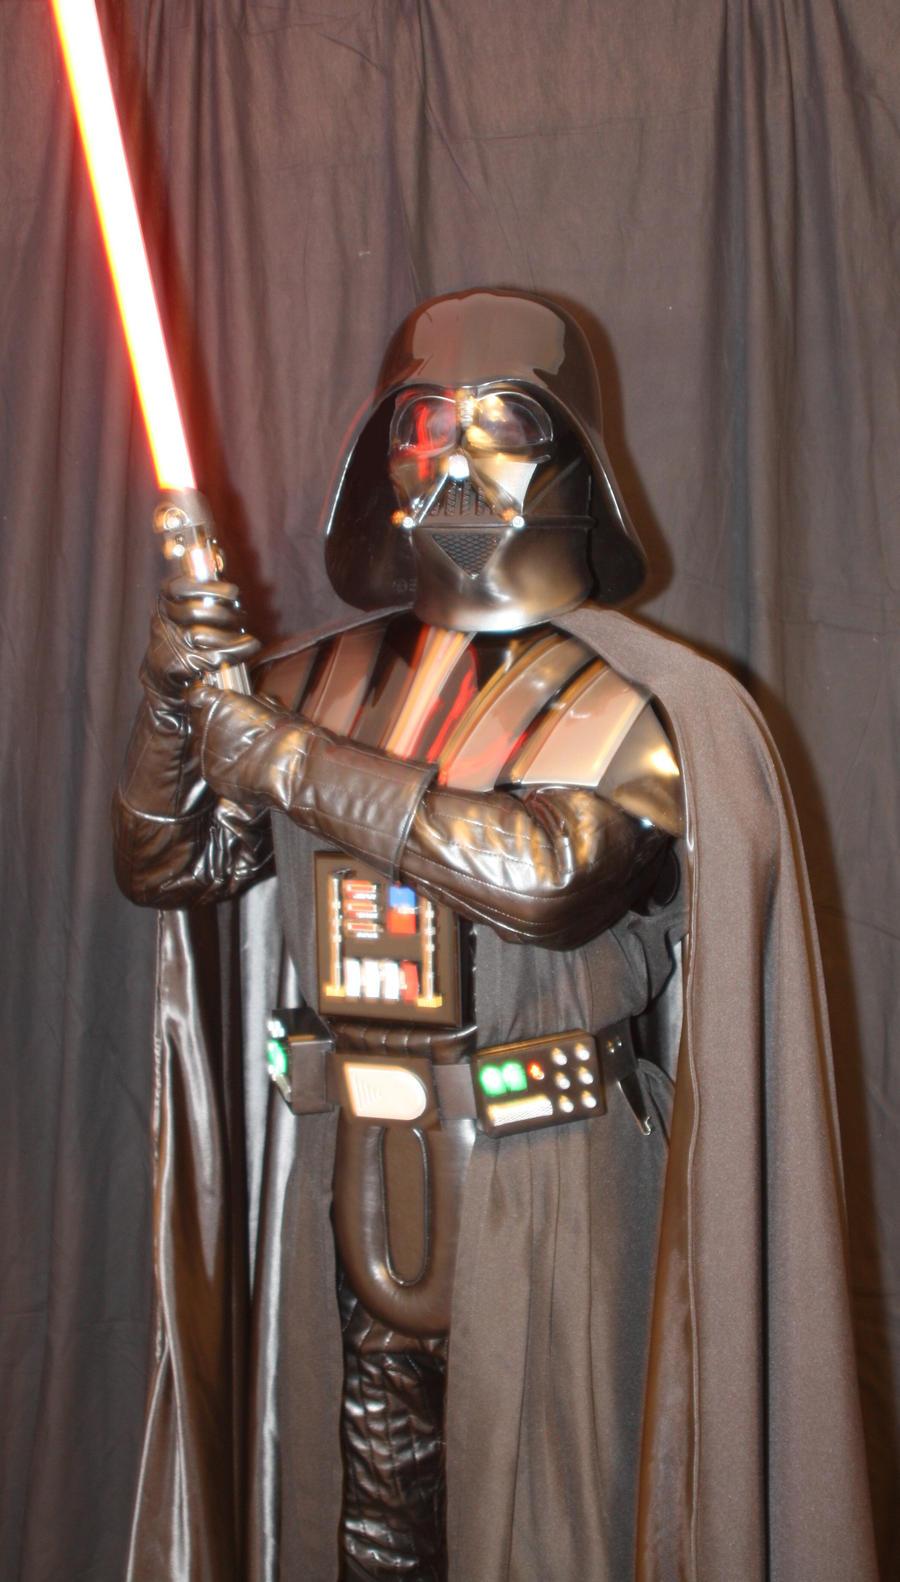 ESB Darth Vader Costume with saber 2